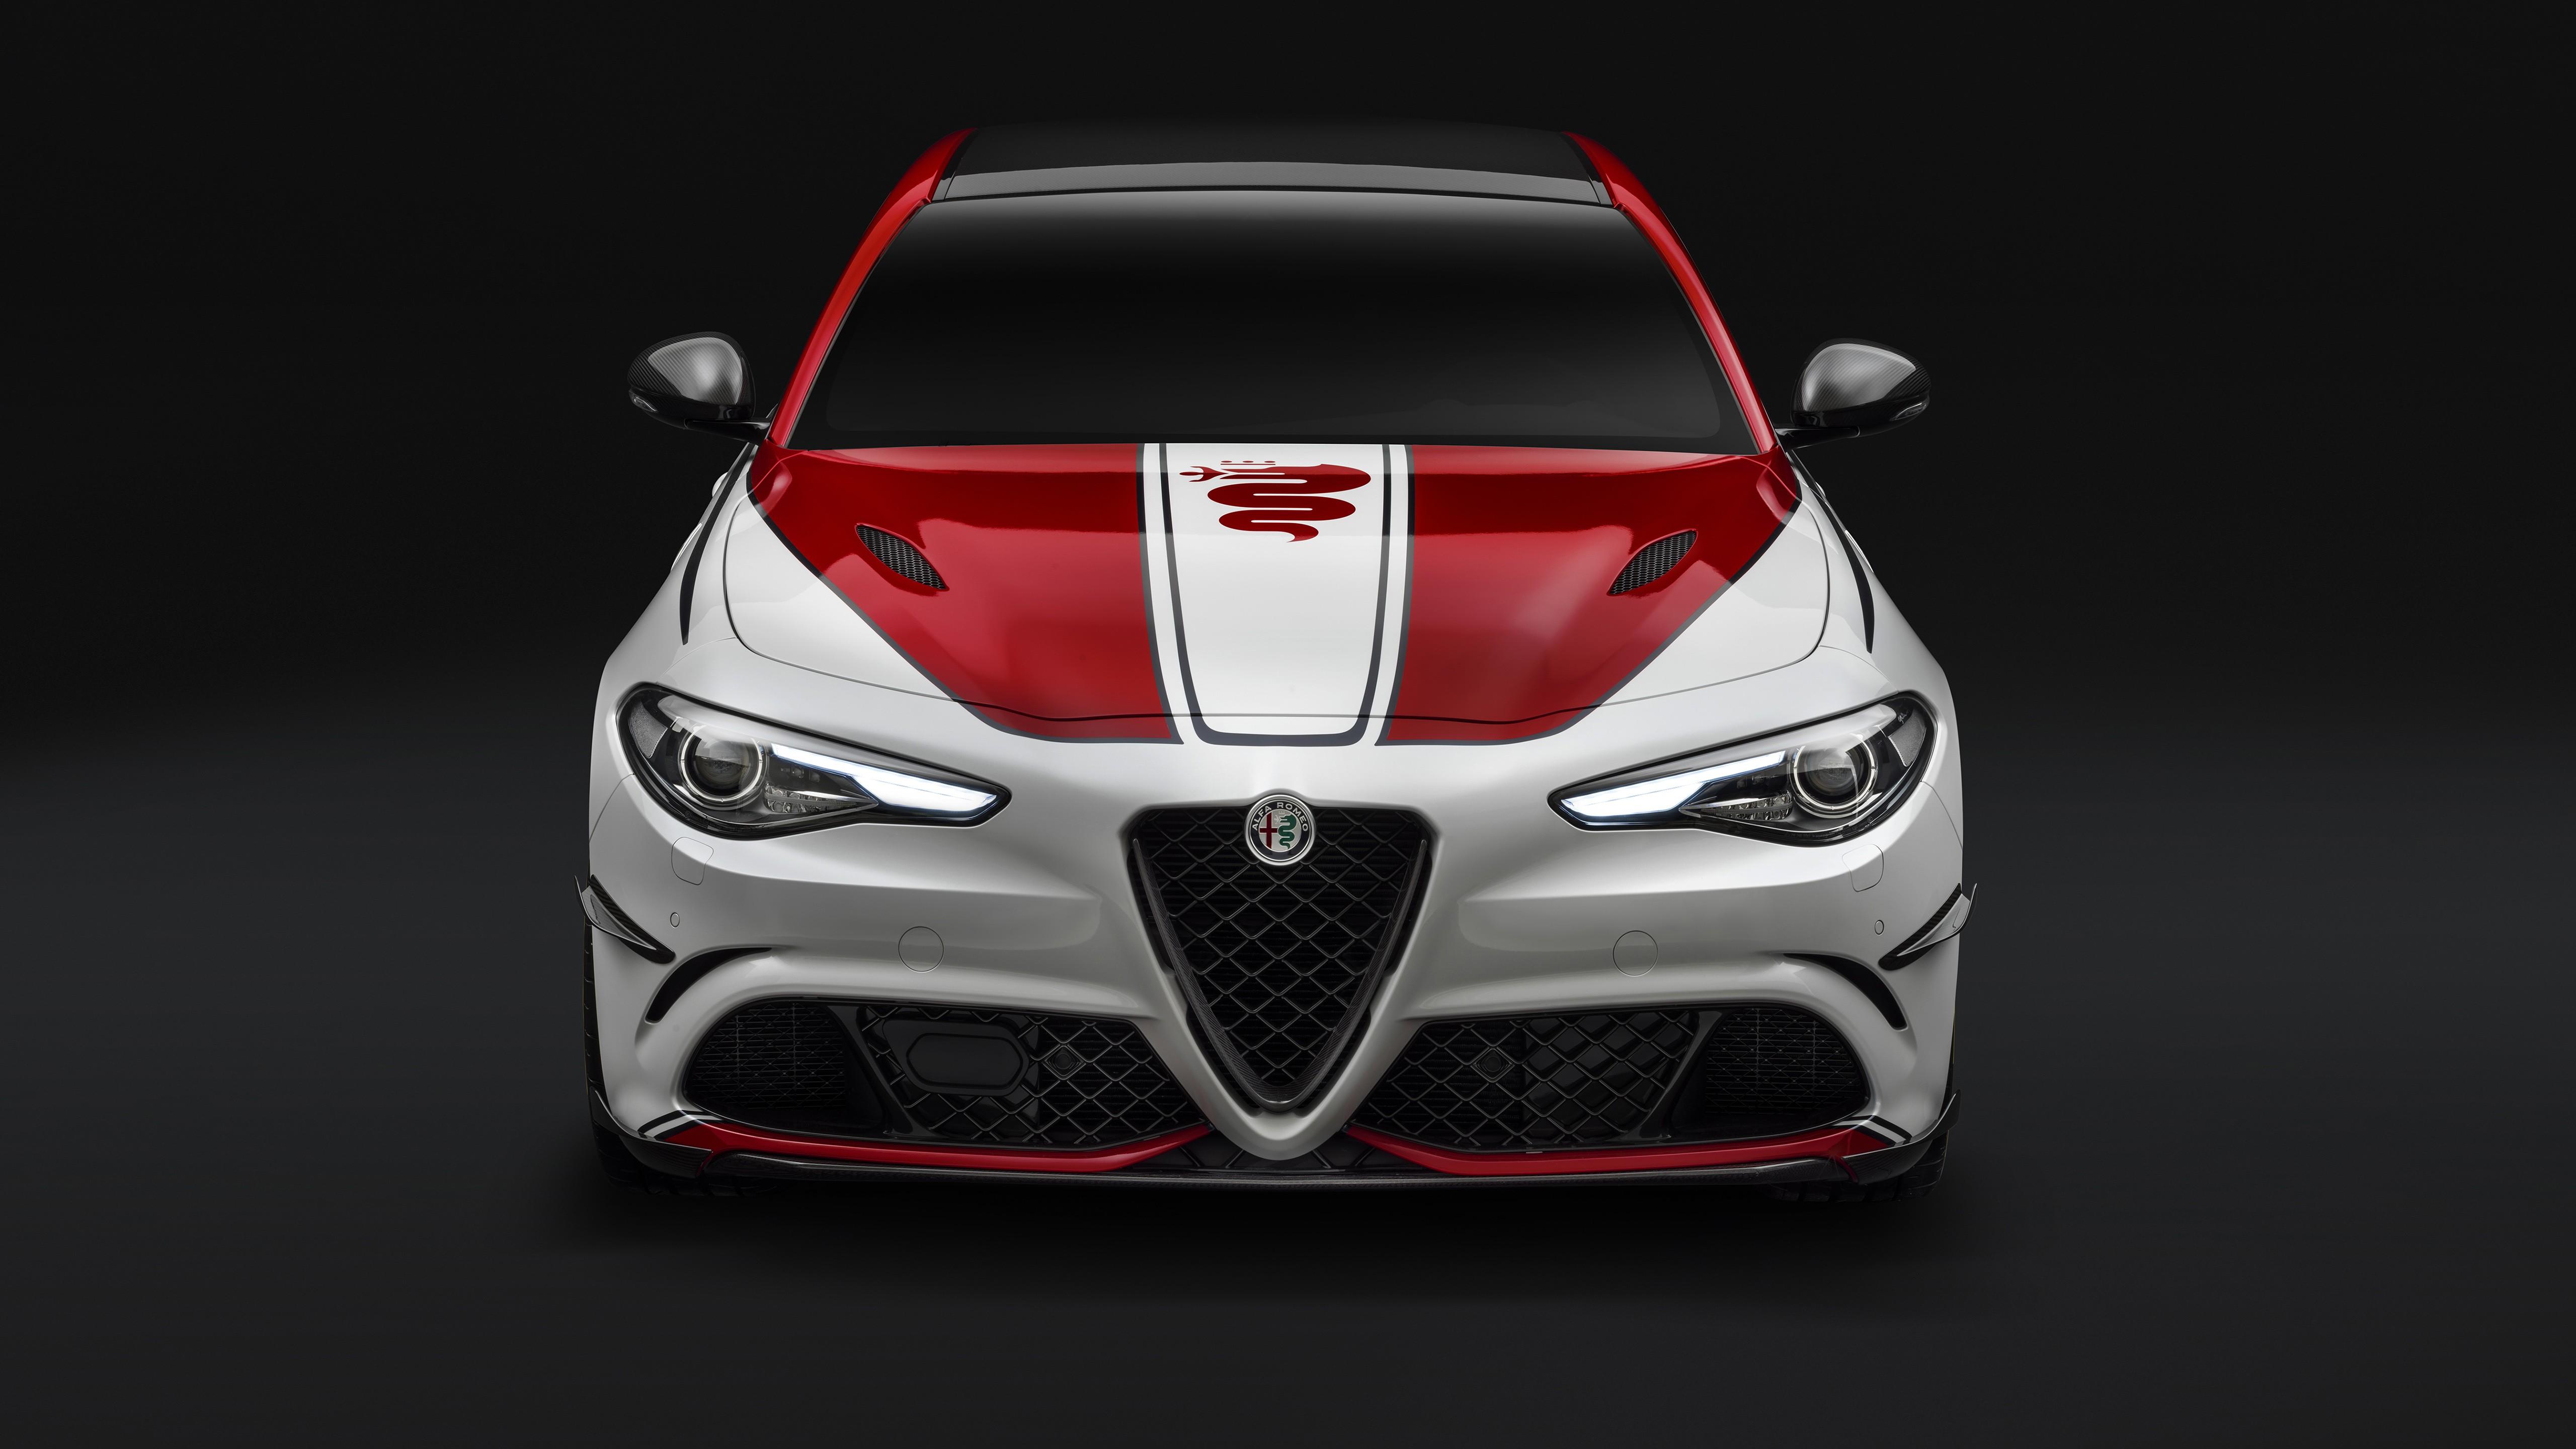 Alfa Romeo Giulia >> Alfa Romeo Giulia Quadrifoglio Alfa Romeo Racing 2019 4K ...